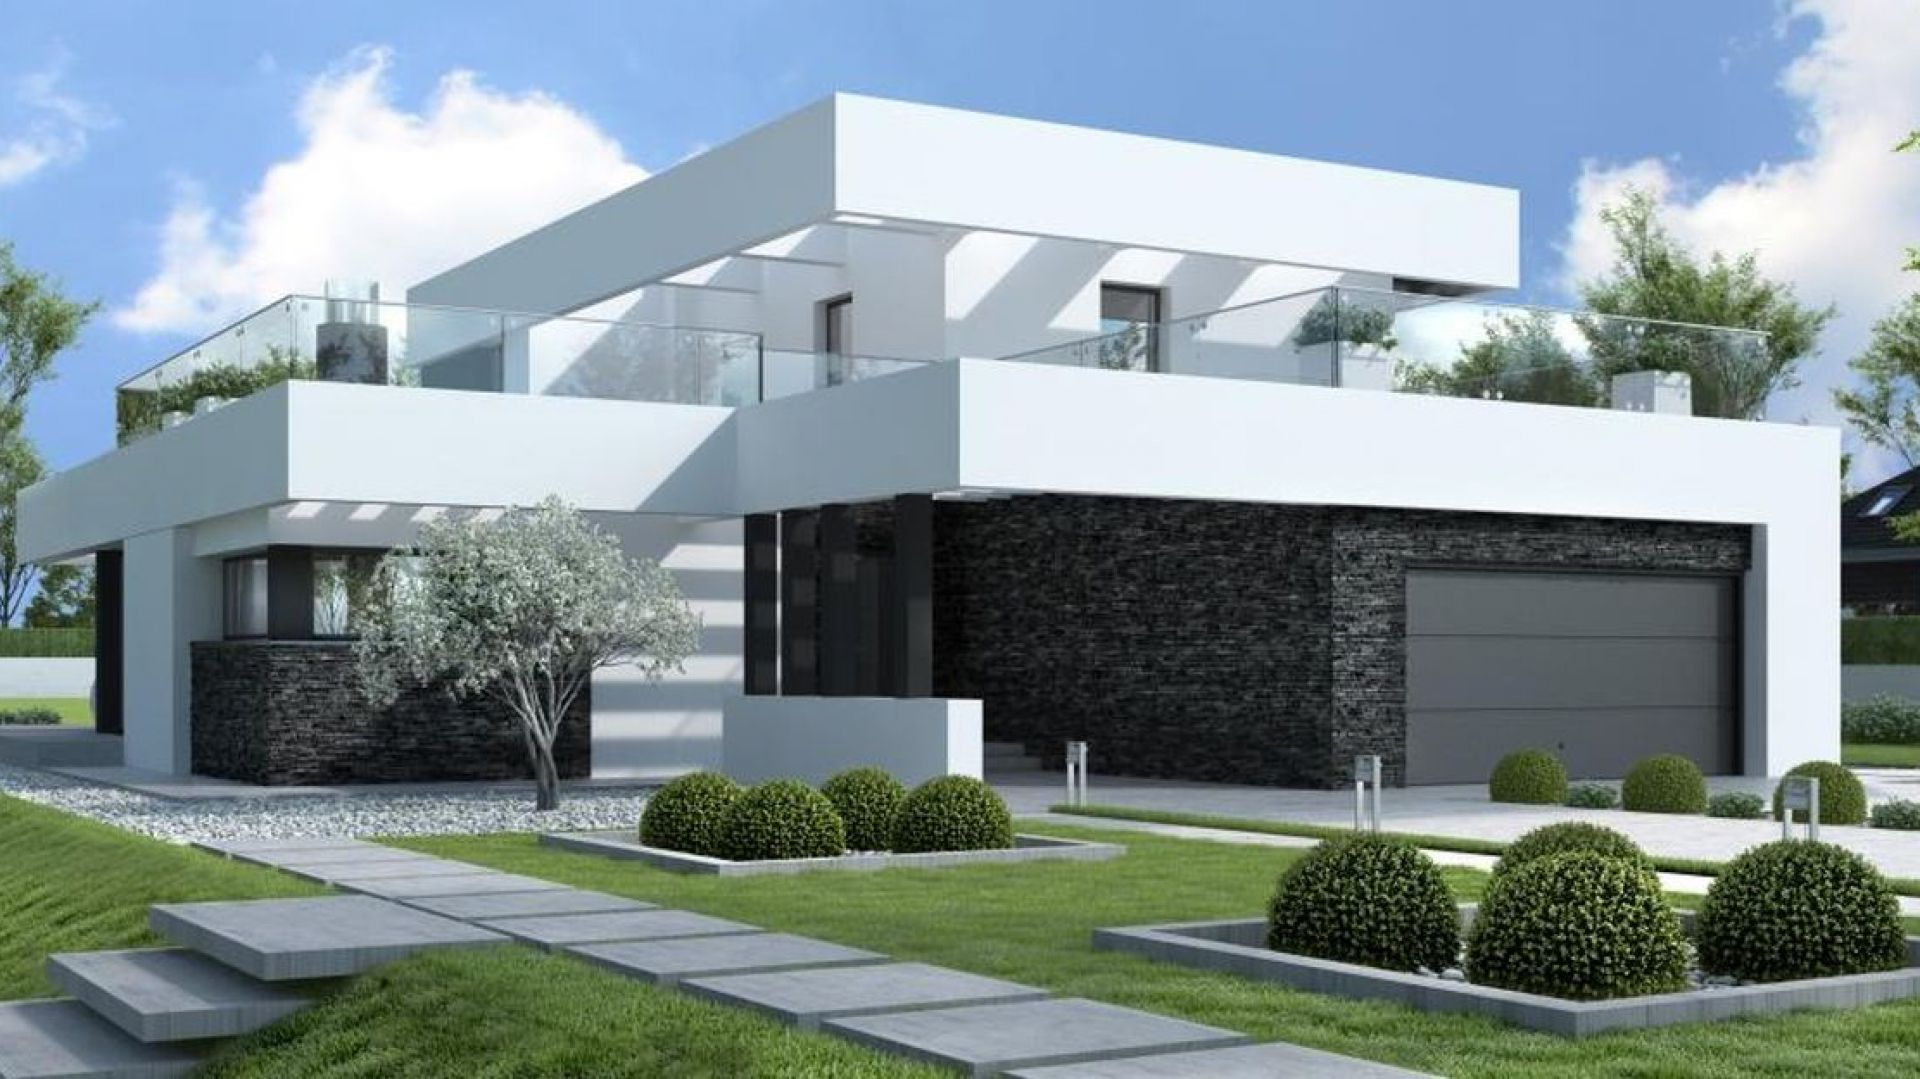 Nowoczesny dom z płaskim dachem. Fot. HomeKoncept